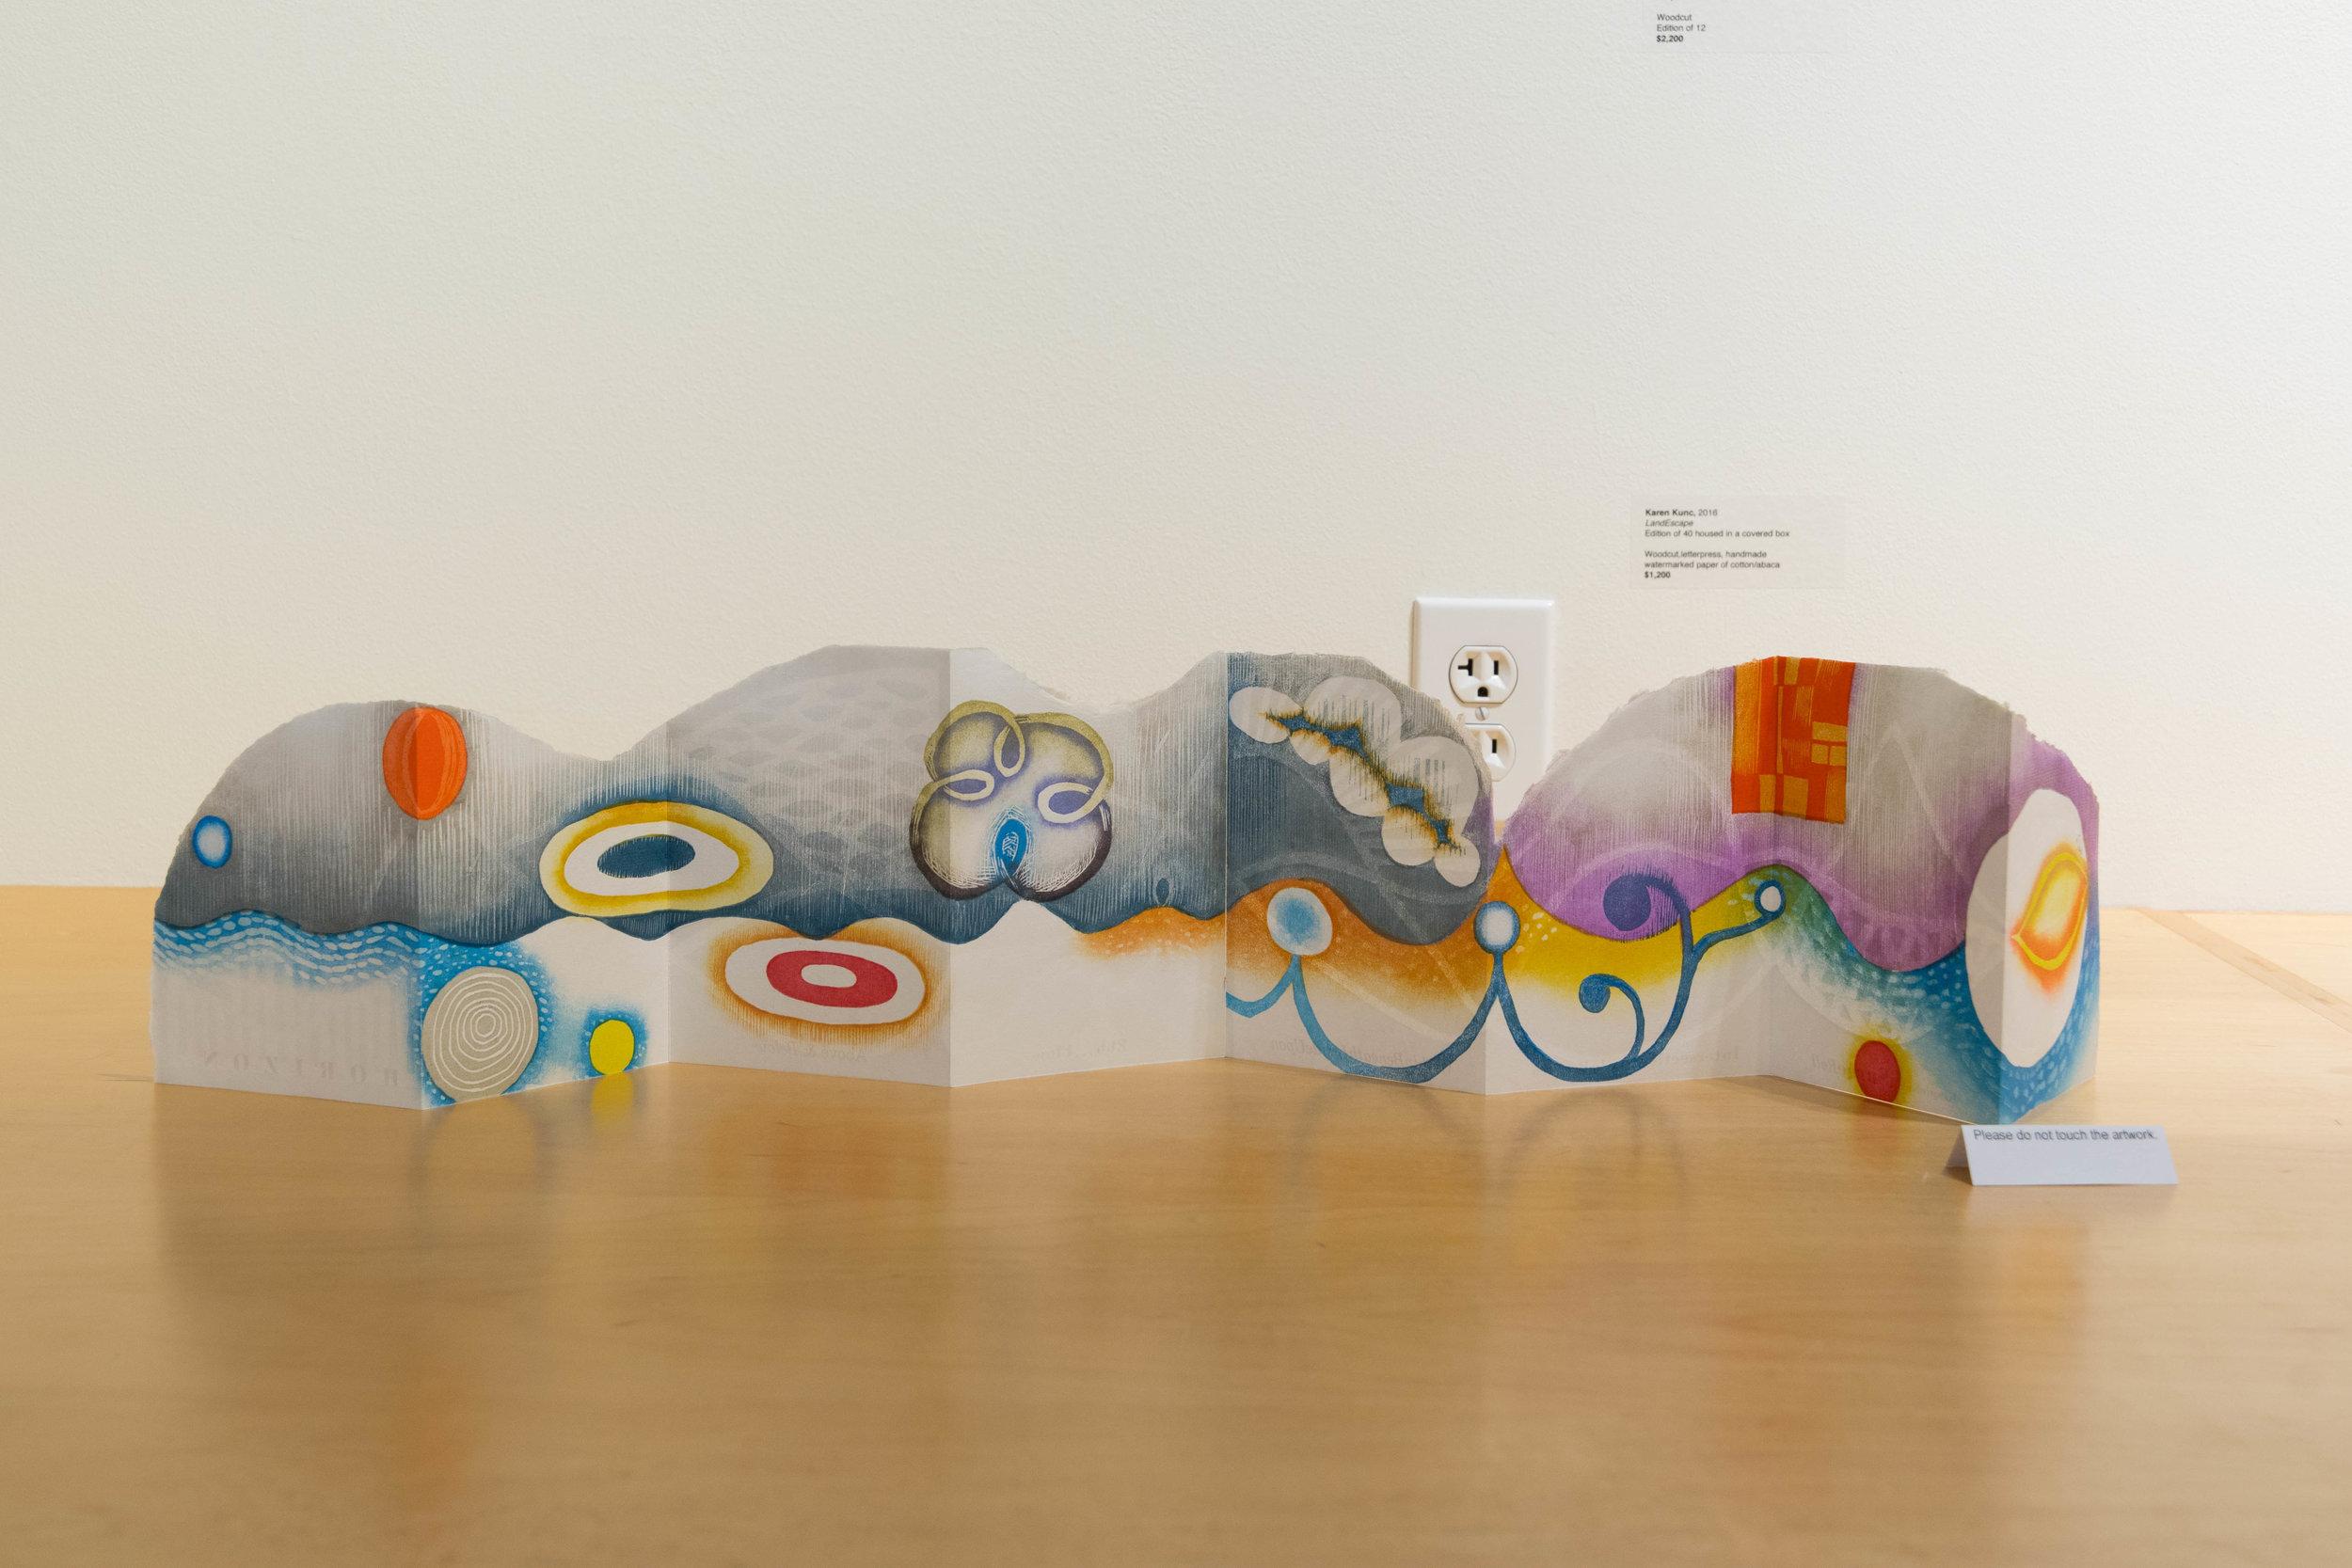 Highpoint ExhibitWeather by Karen Kunc190815a0066.JPG